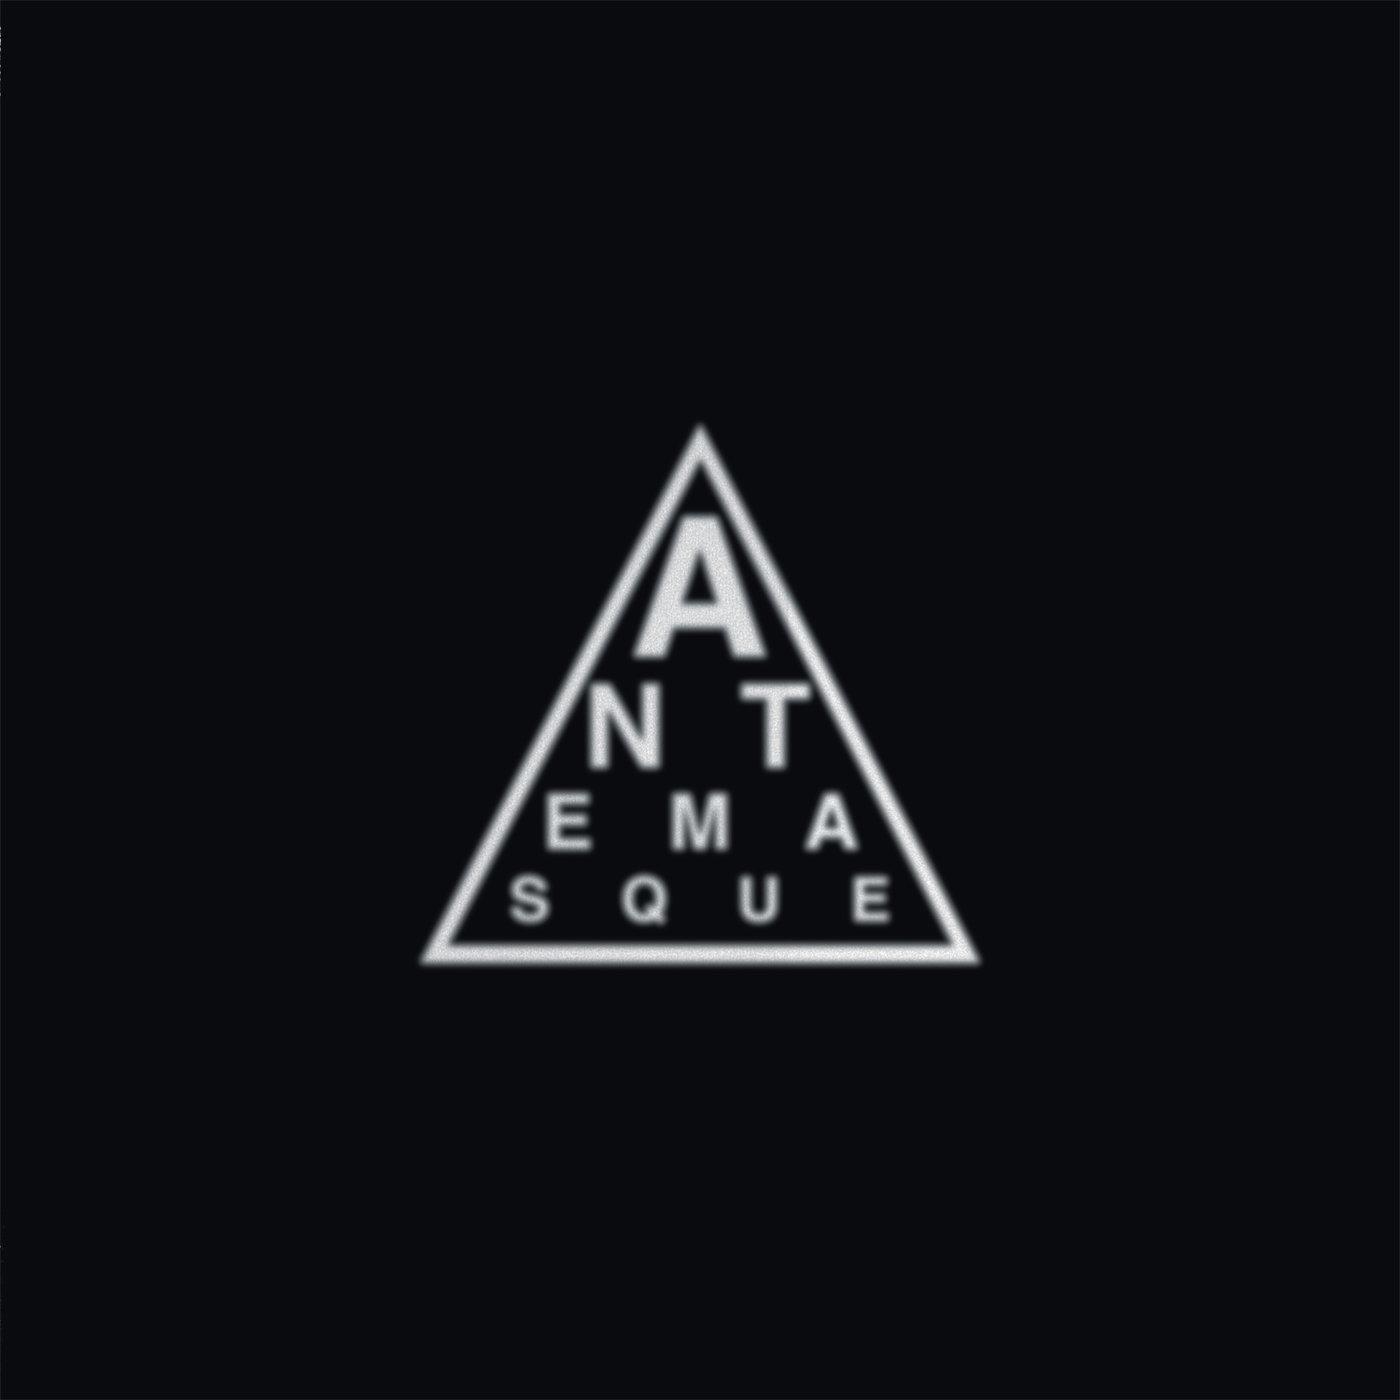 Antemasque: Album Cover